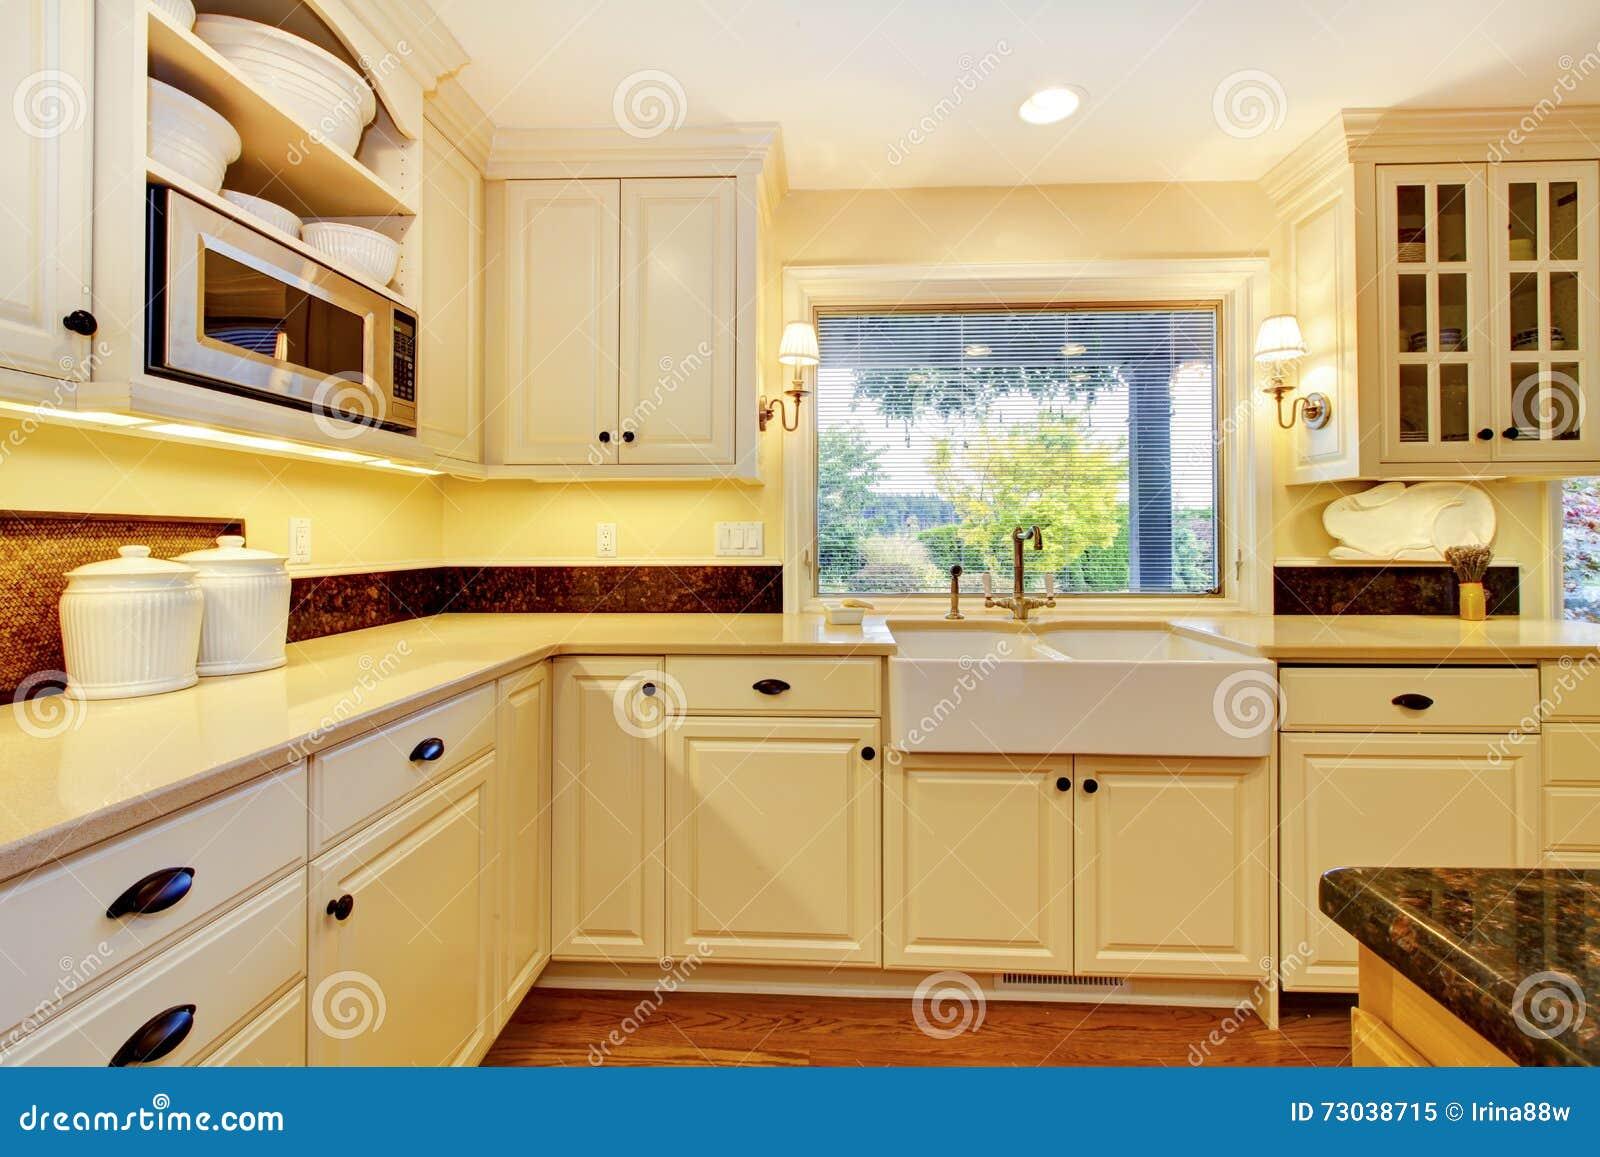 De keuken van de roomkleur met grote witte gootsteen en klassiek ontwerp stock afbeelding - Eilandjes van keuken ...